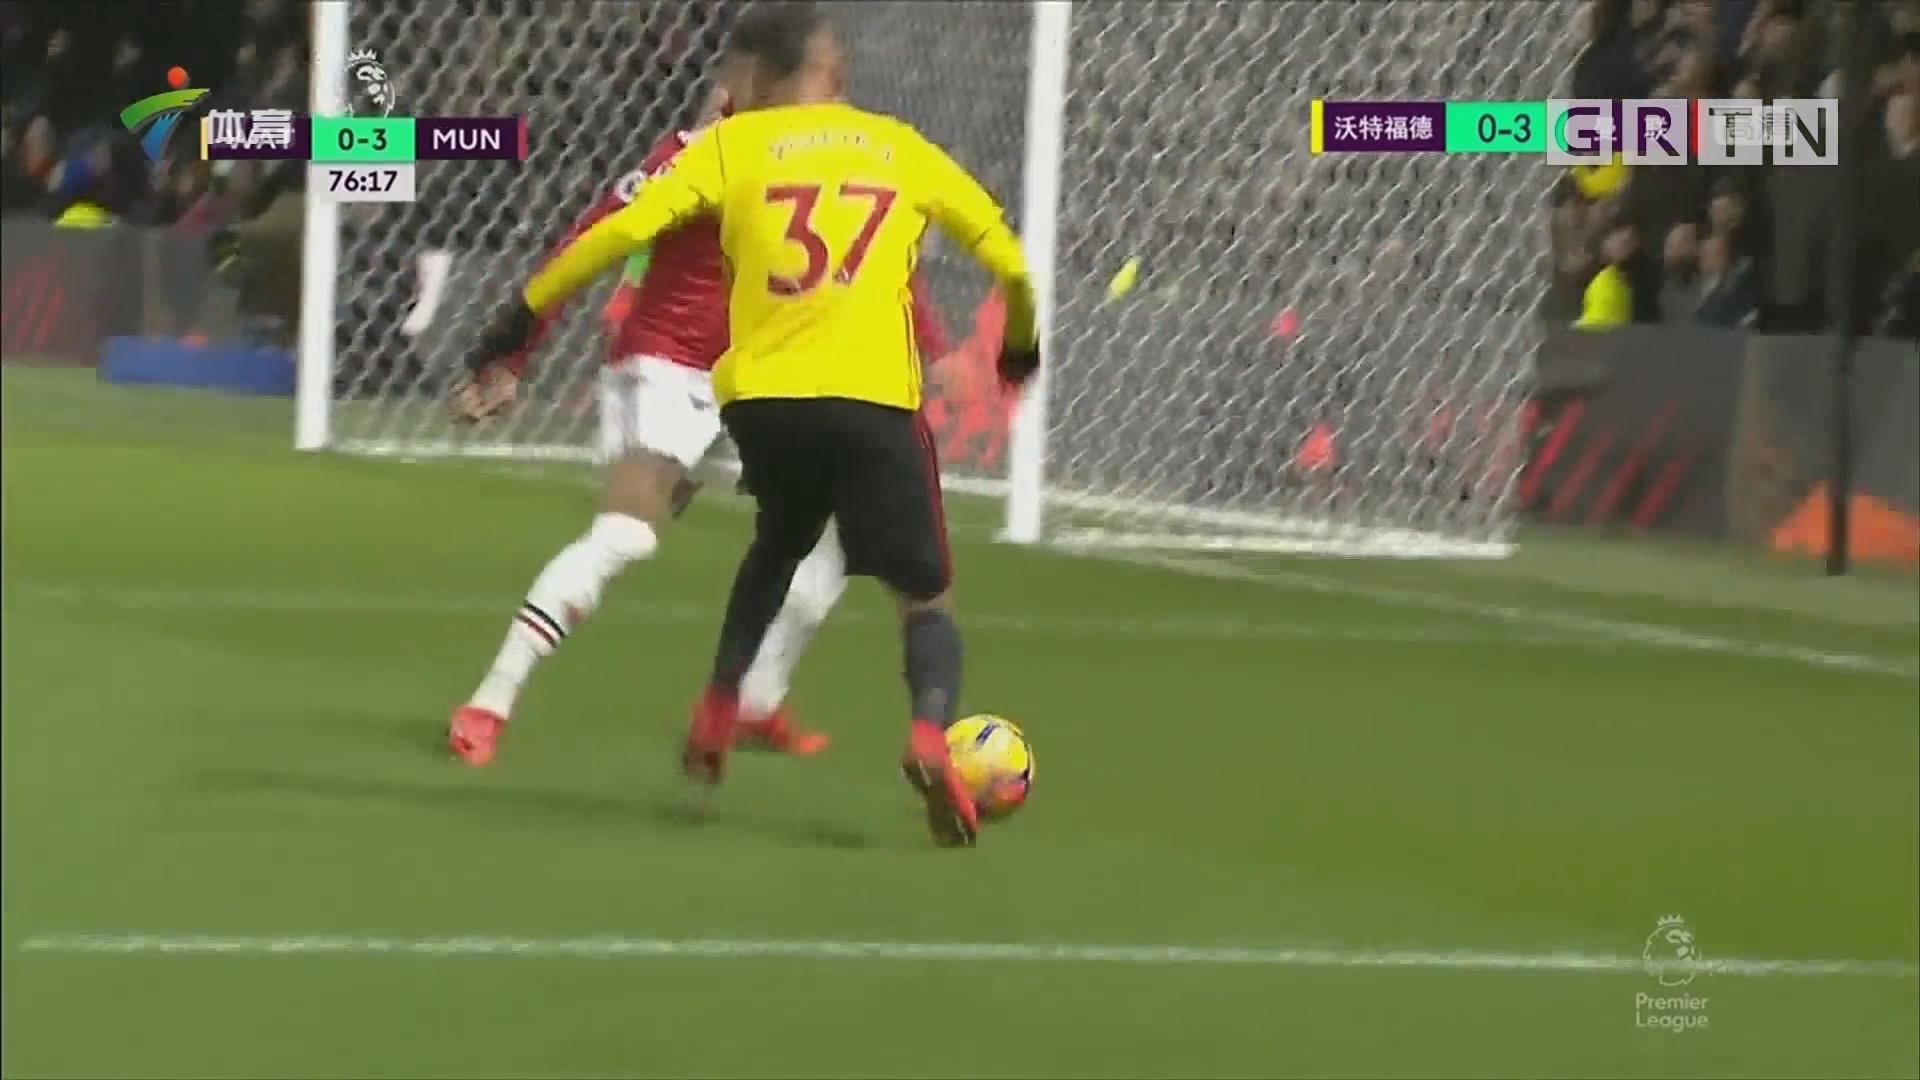 阿什利·扬梅开二度 曼联收获三连胜